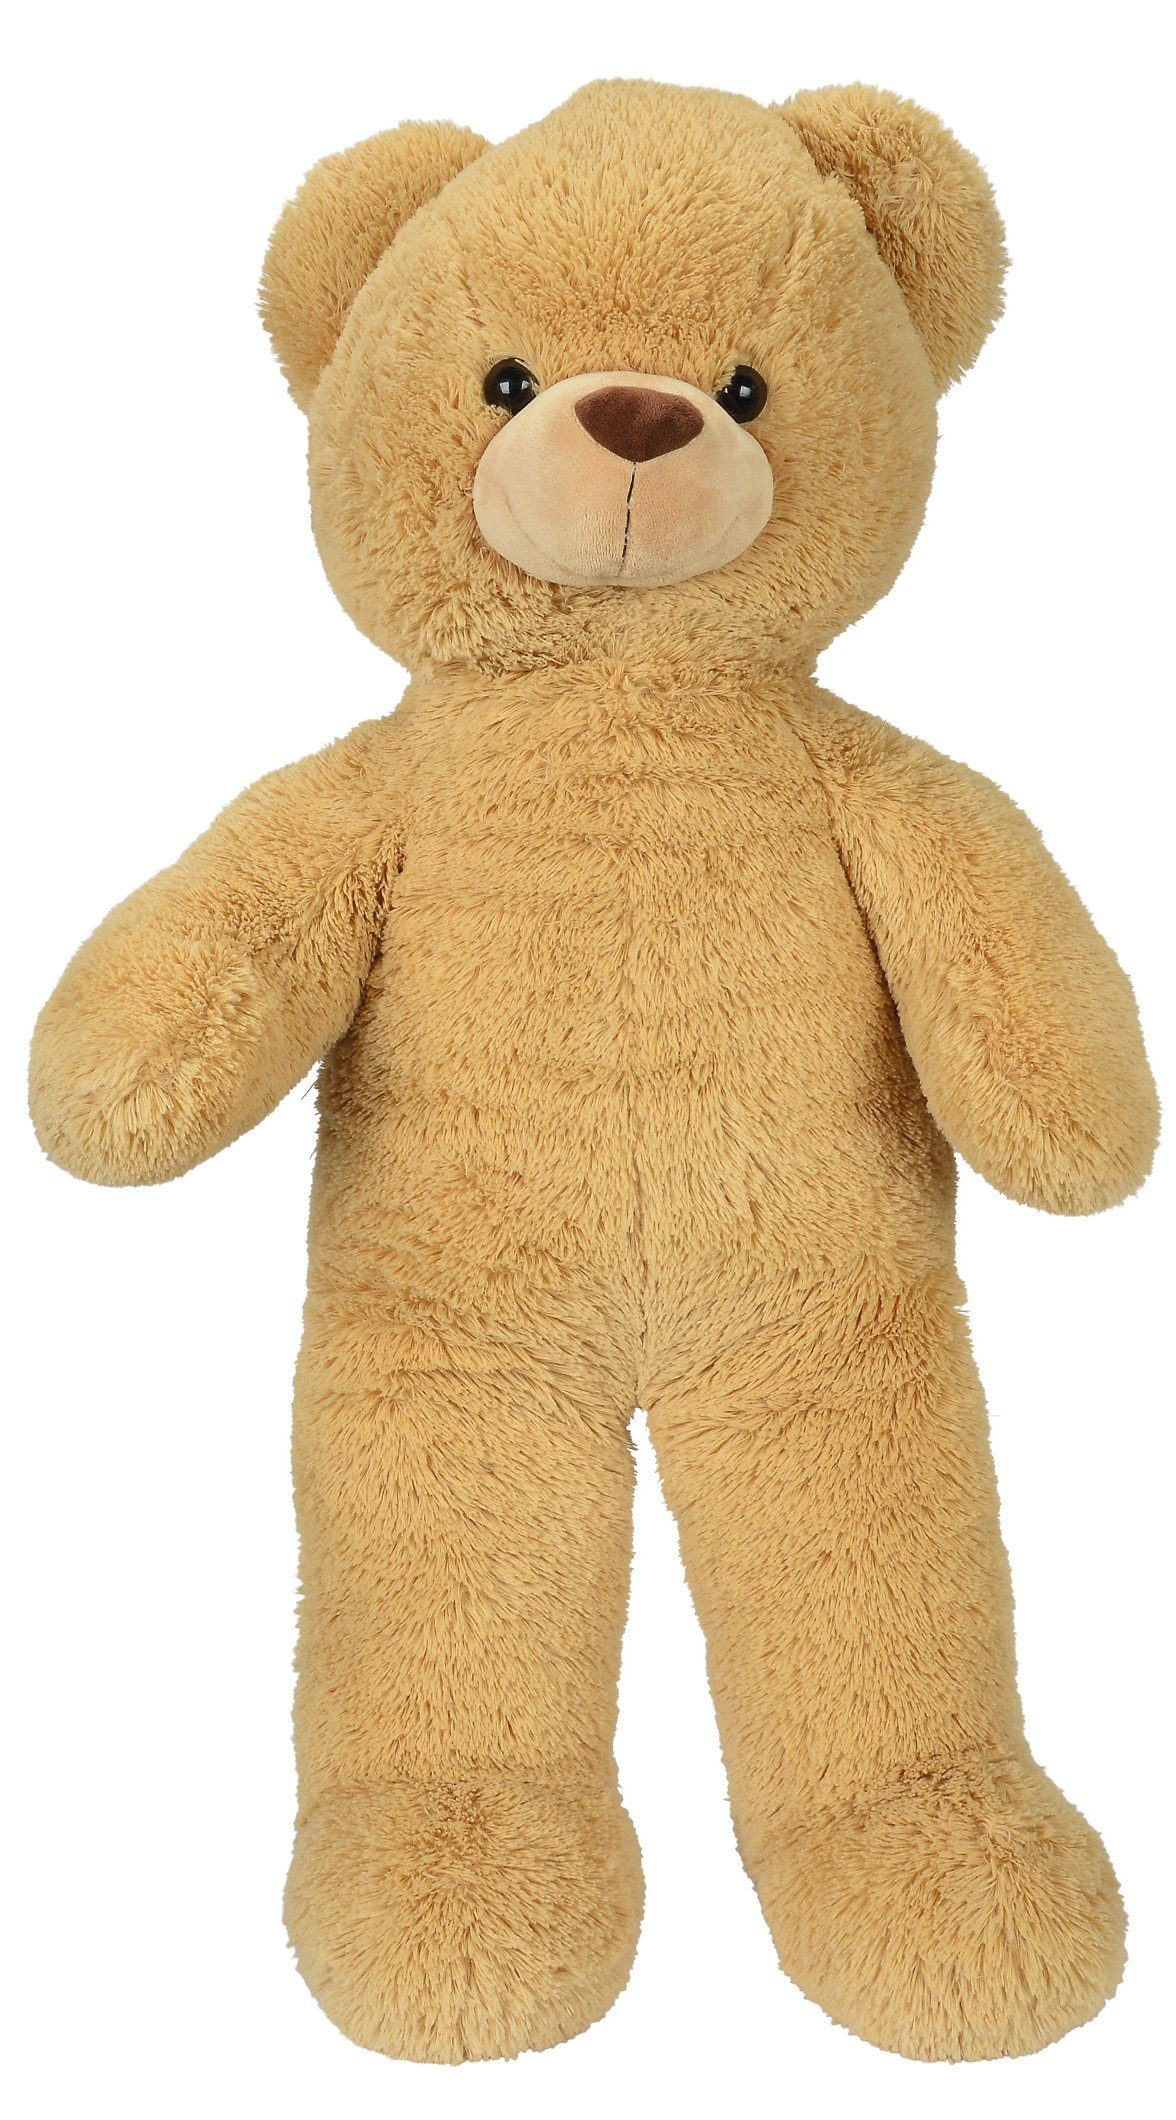 Nicotoy Plüschtier, »Bär beige ca. 100 cm«